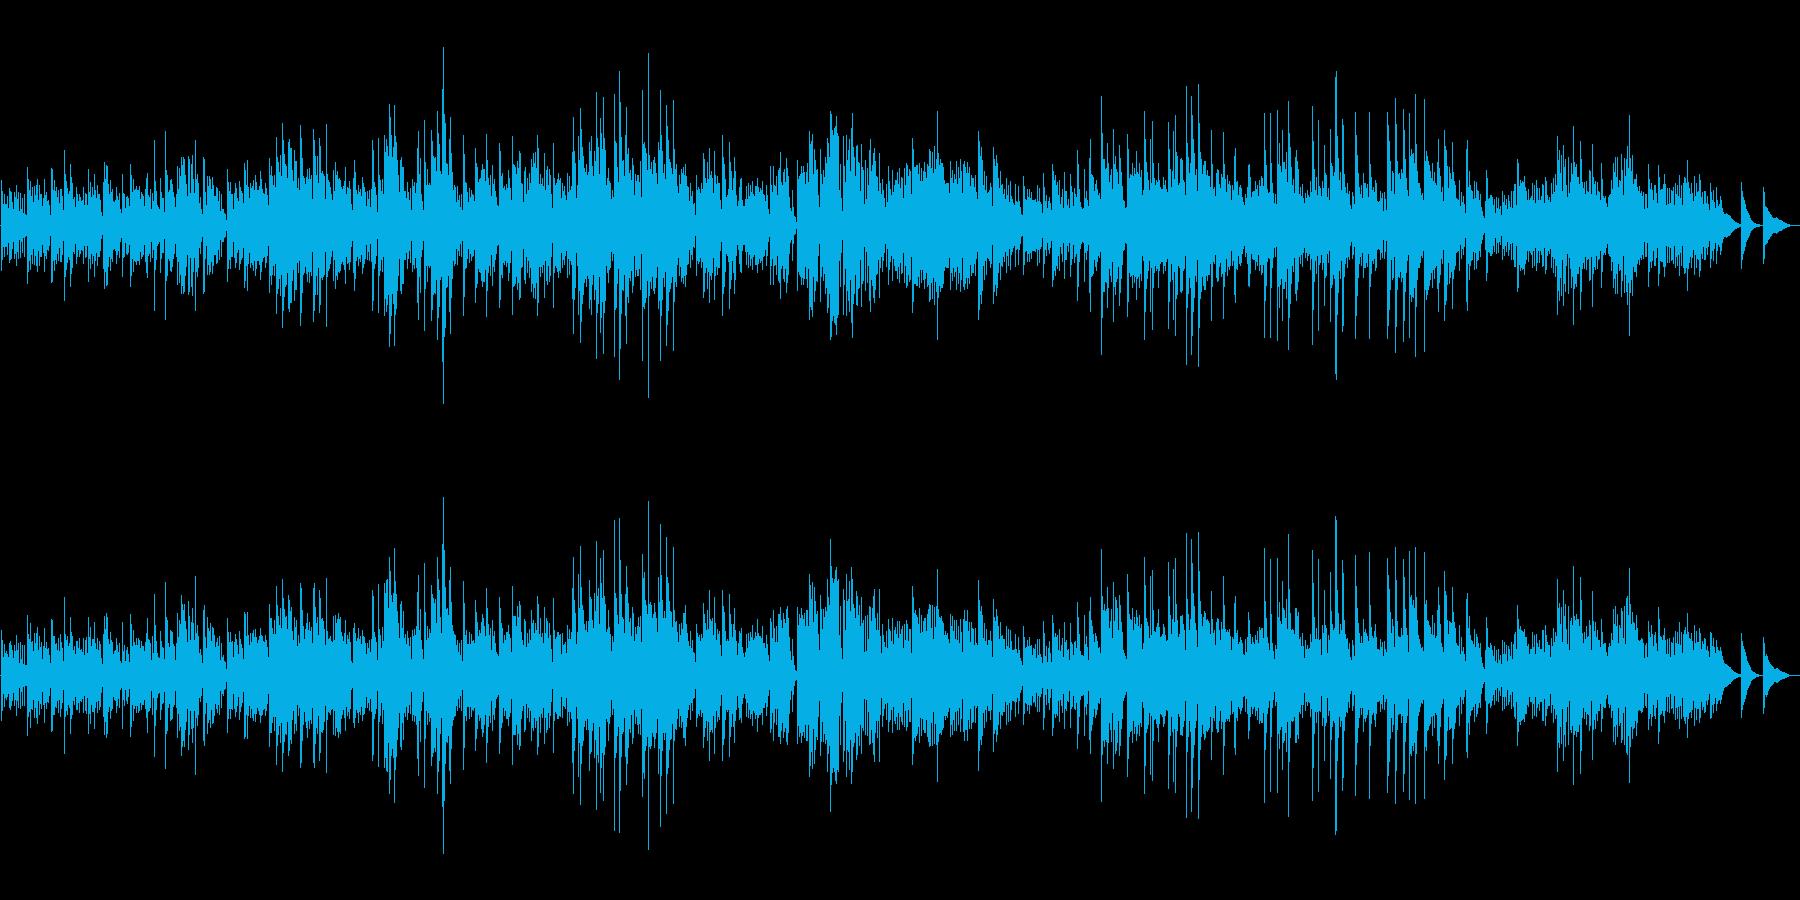 暗い情熱、ハープソロ『月光ソナタ』の再生済みの波形